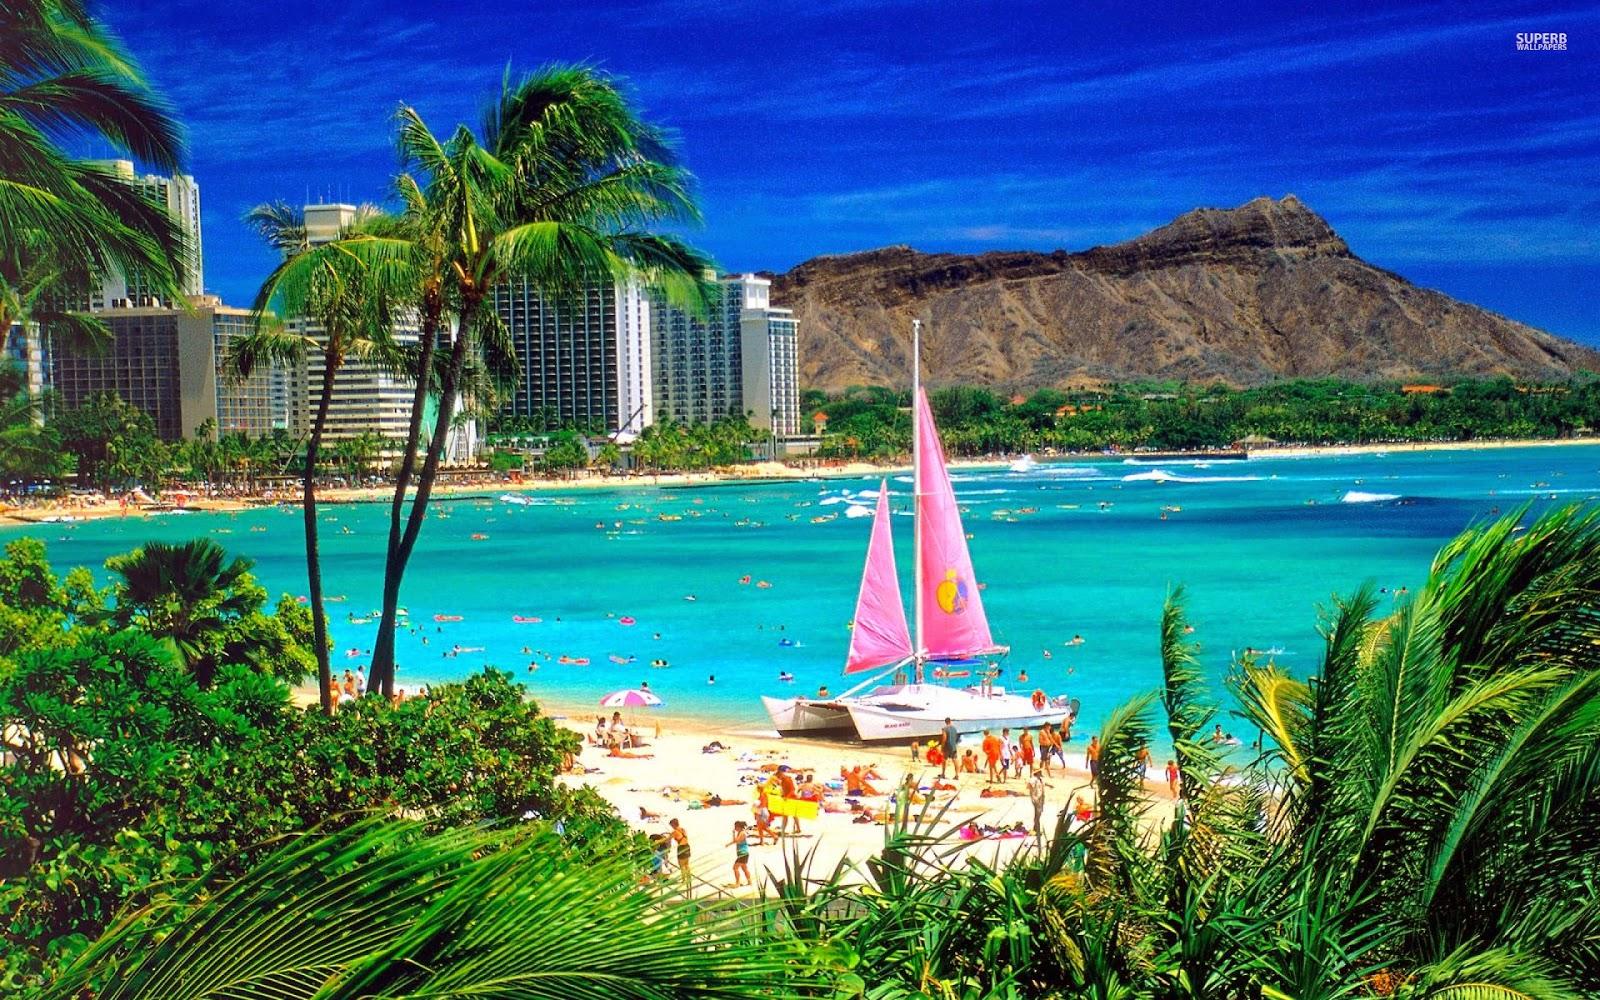 Waikiki beach 1920x1200 Resolution